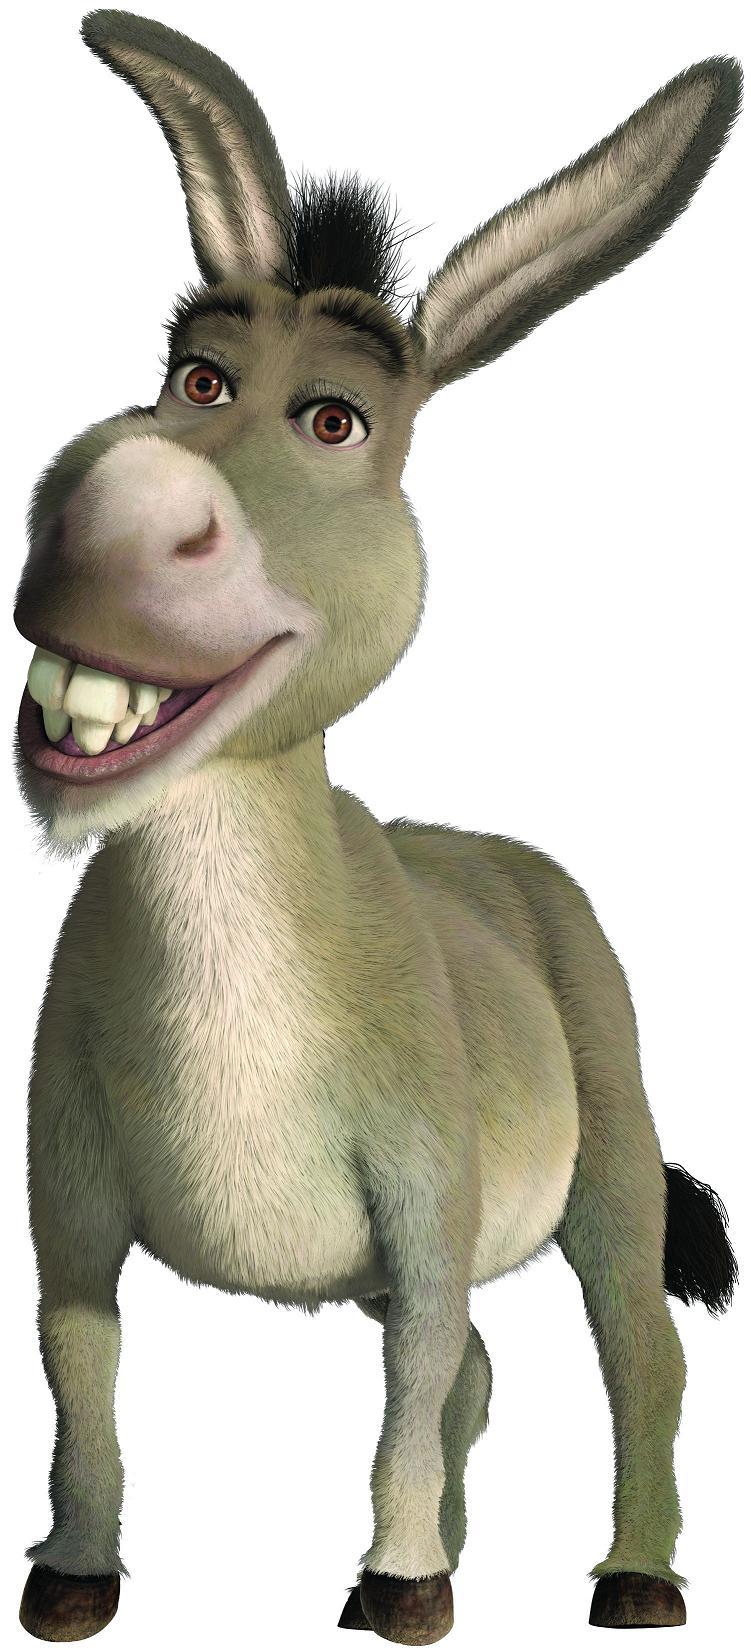 Shrek-donkey1